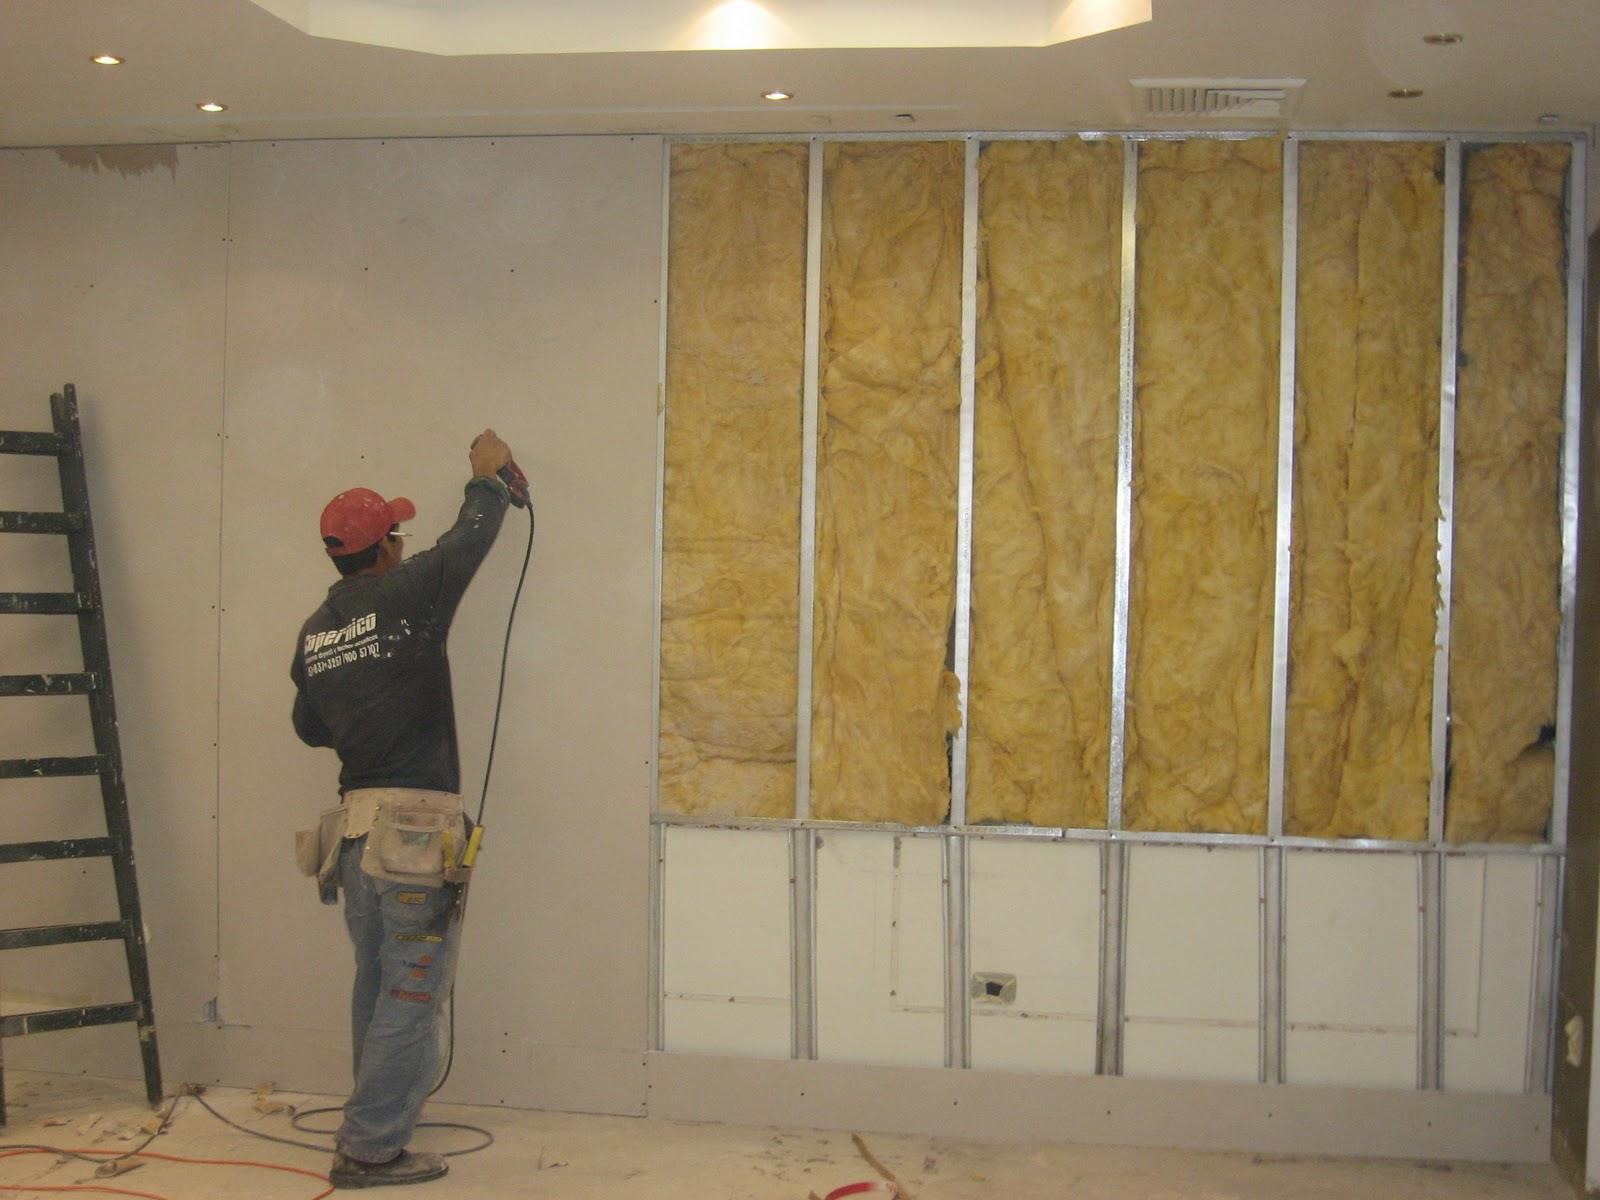 Vidrios espejos toberin mazuren colina drywall - Paredes de pladur o ladrillo ...